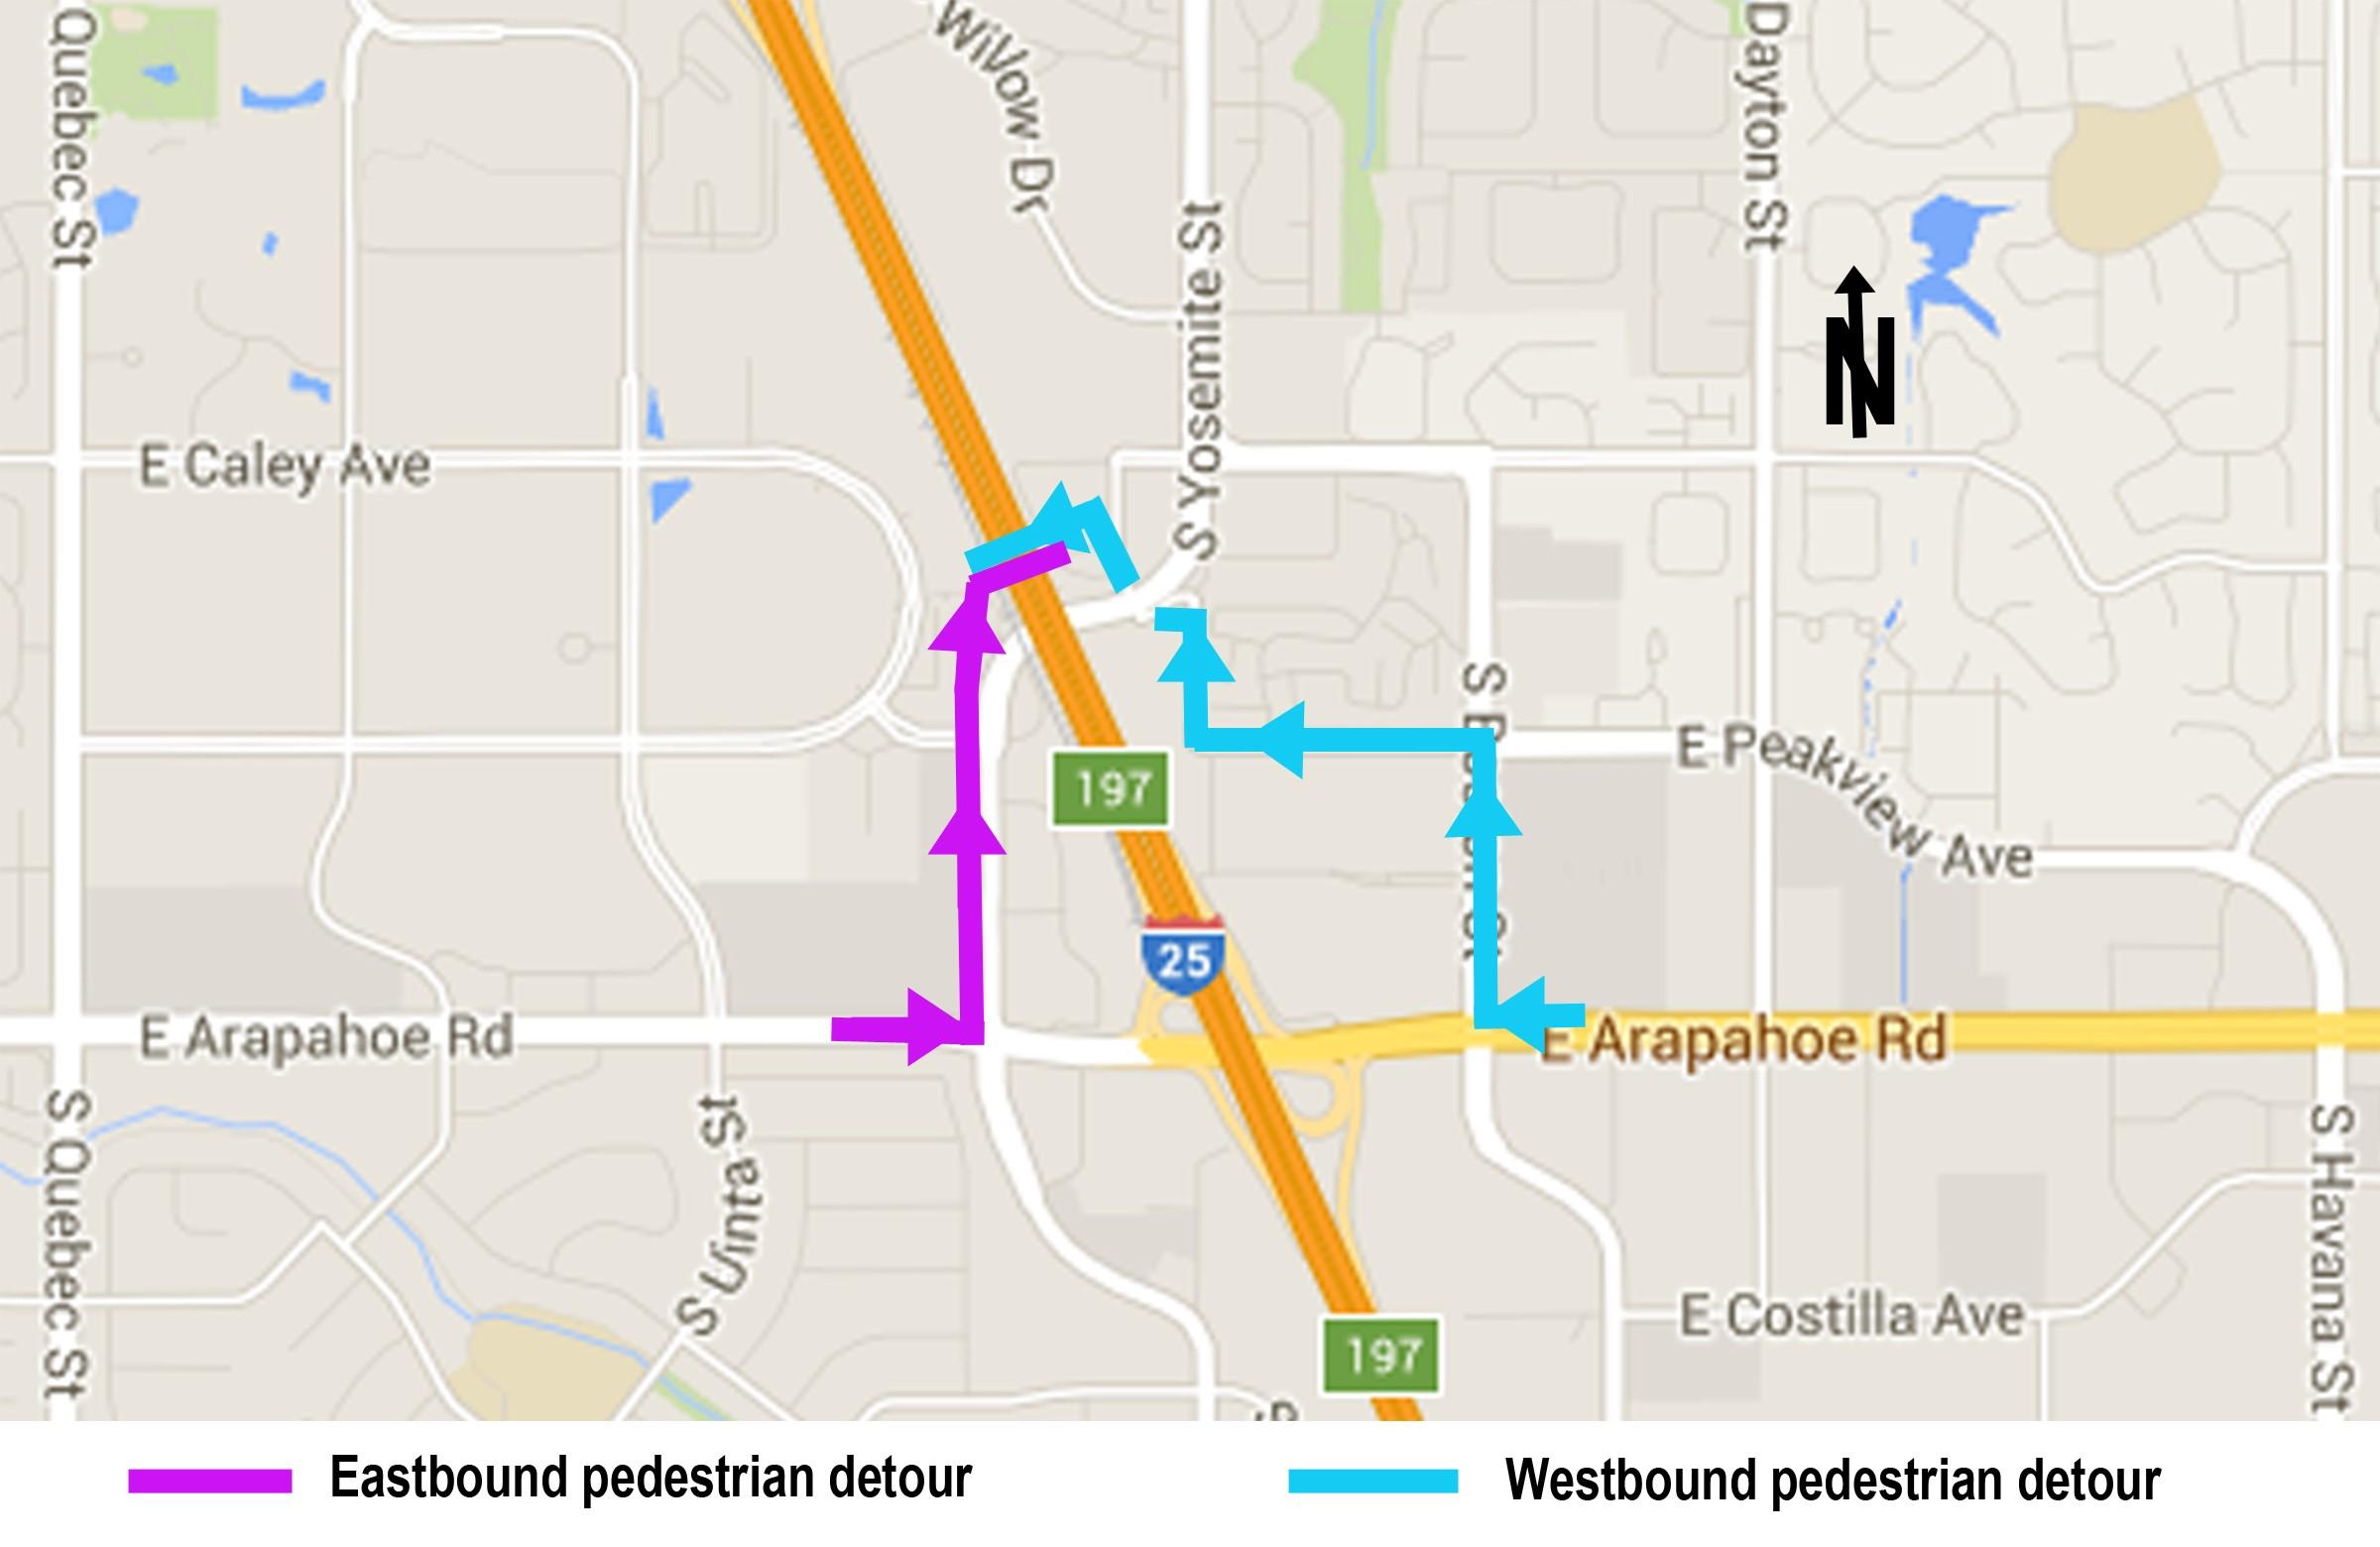 Arapahoe and I 25 Pedestrian Detour